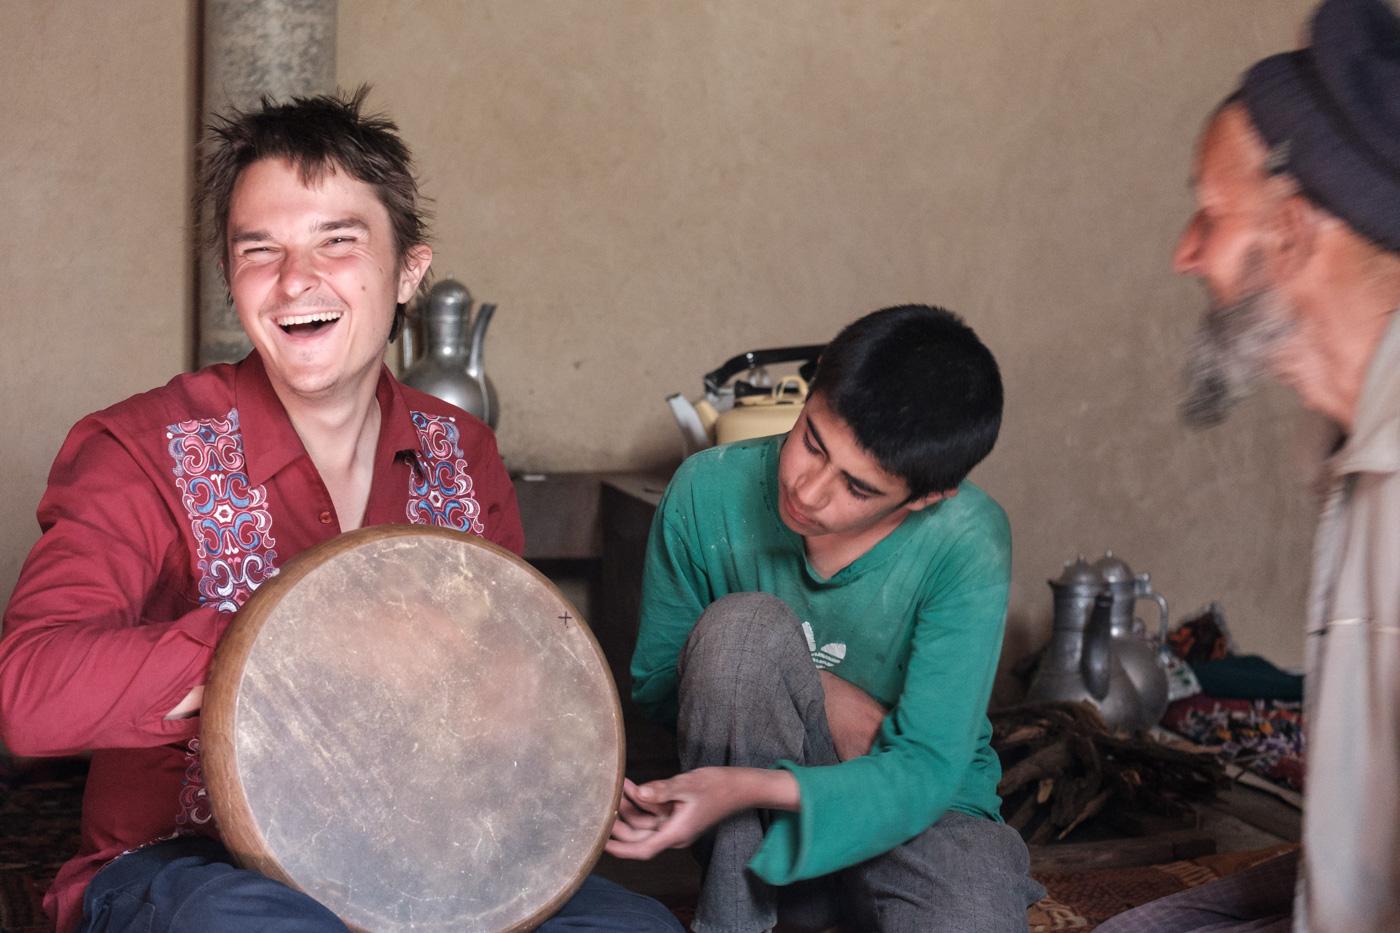 Einladung zum Tee zusammen mit dem jungen russischen Musiker Vlad.